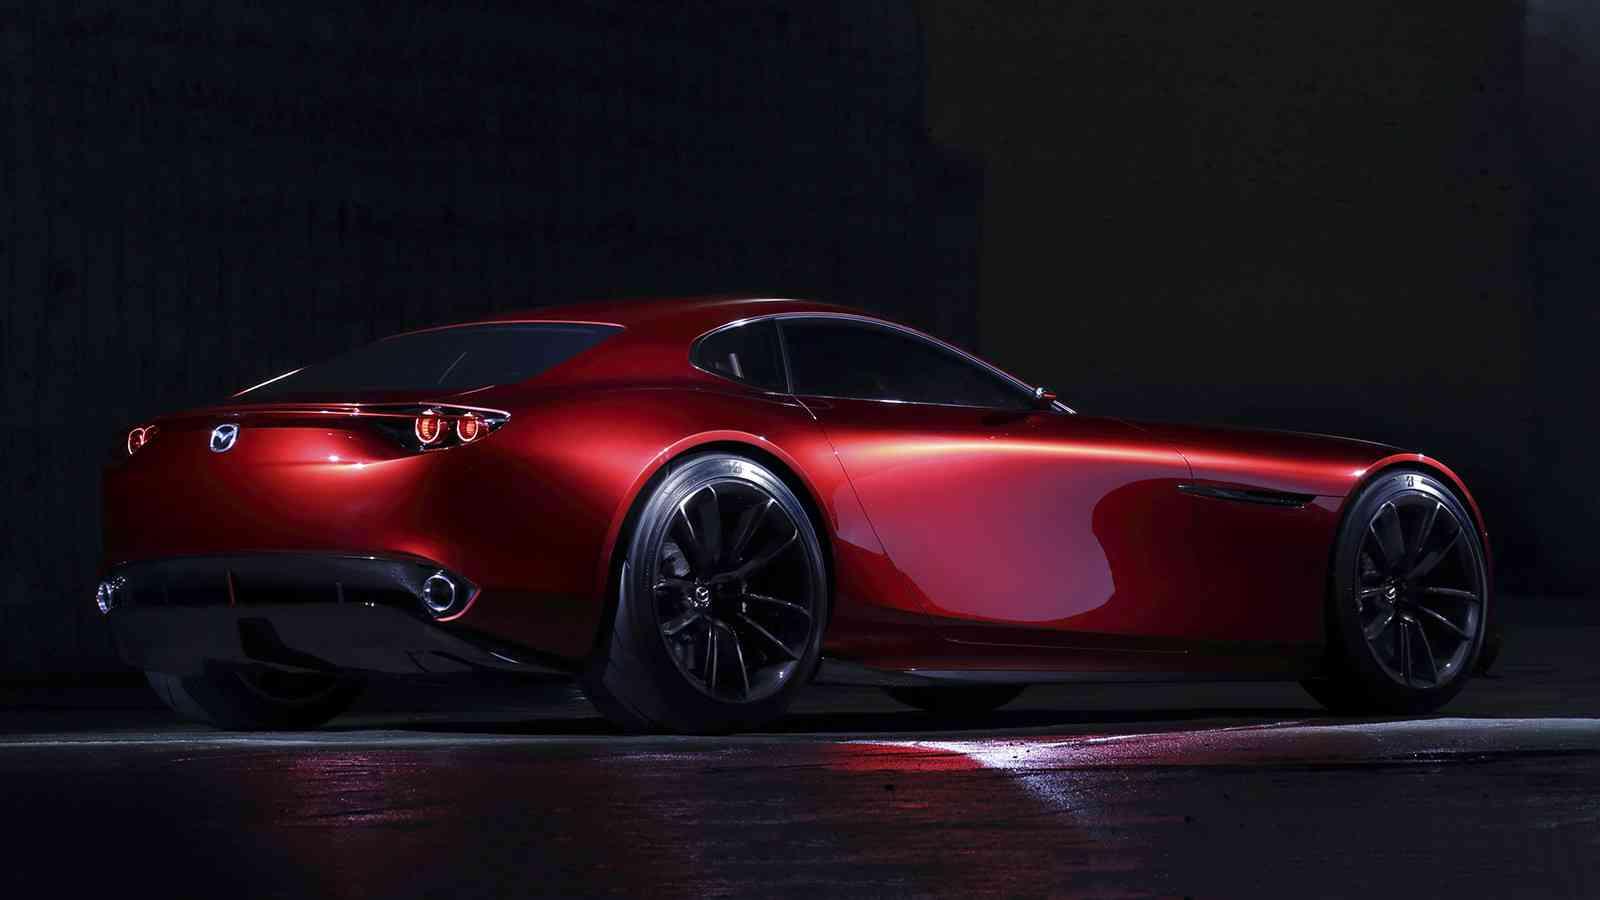 спортивный желтый автомобиль Mazda RX-Vision концепт  № 727293 загрузить